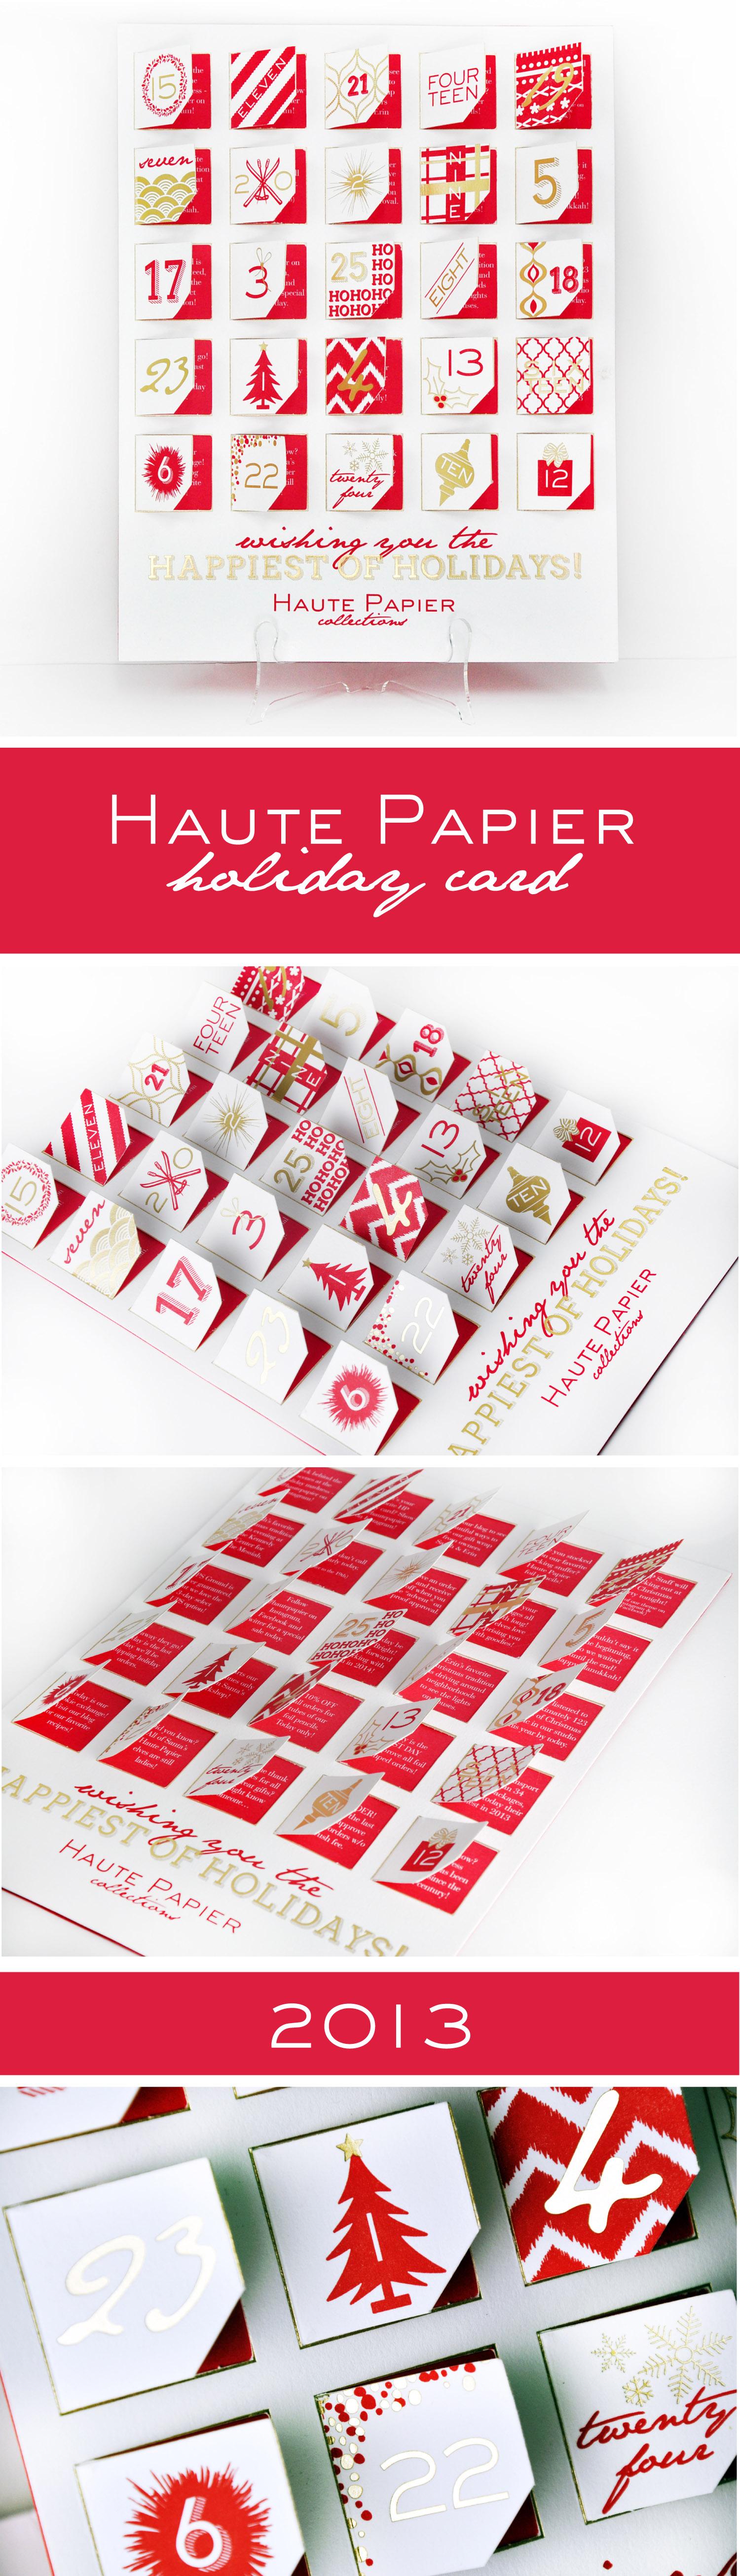 HolidayCard2013.jpg